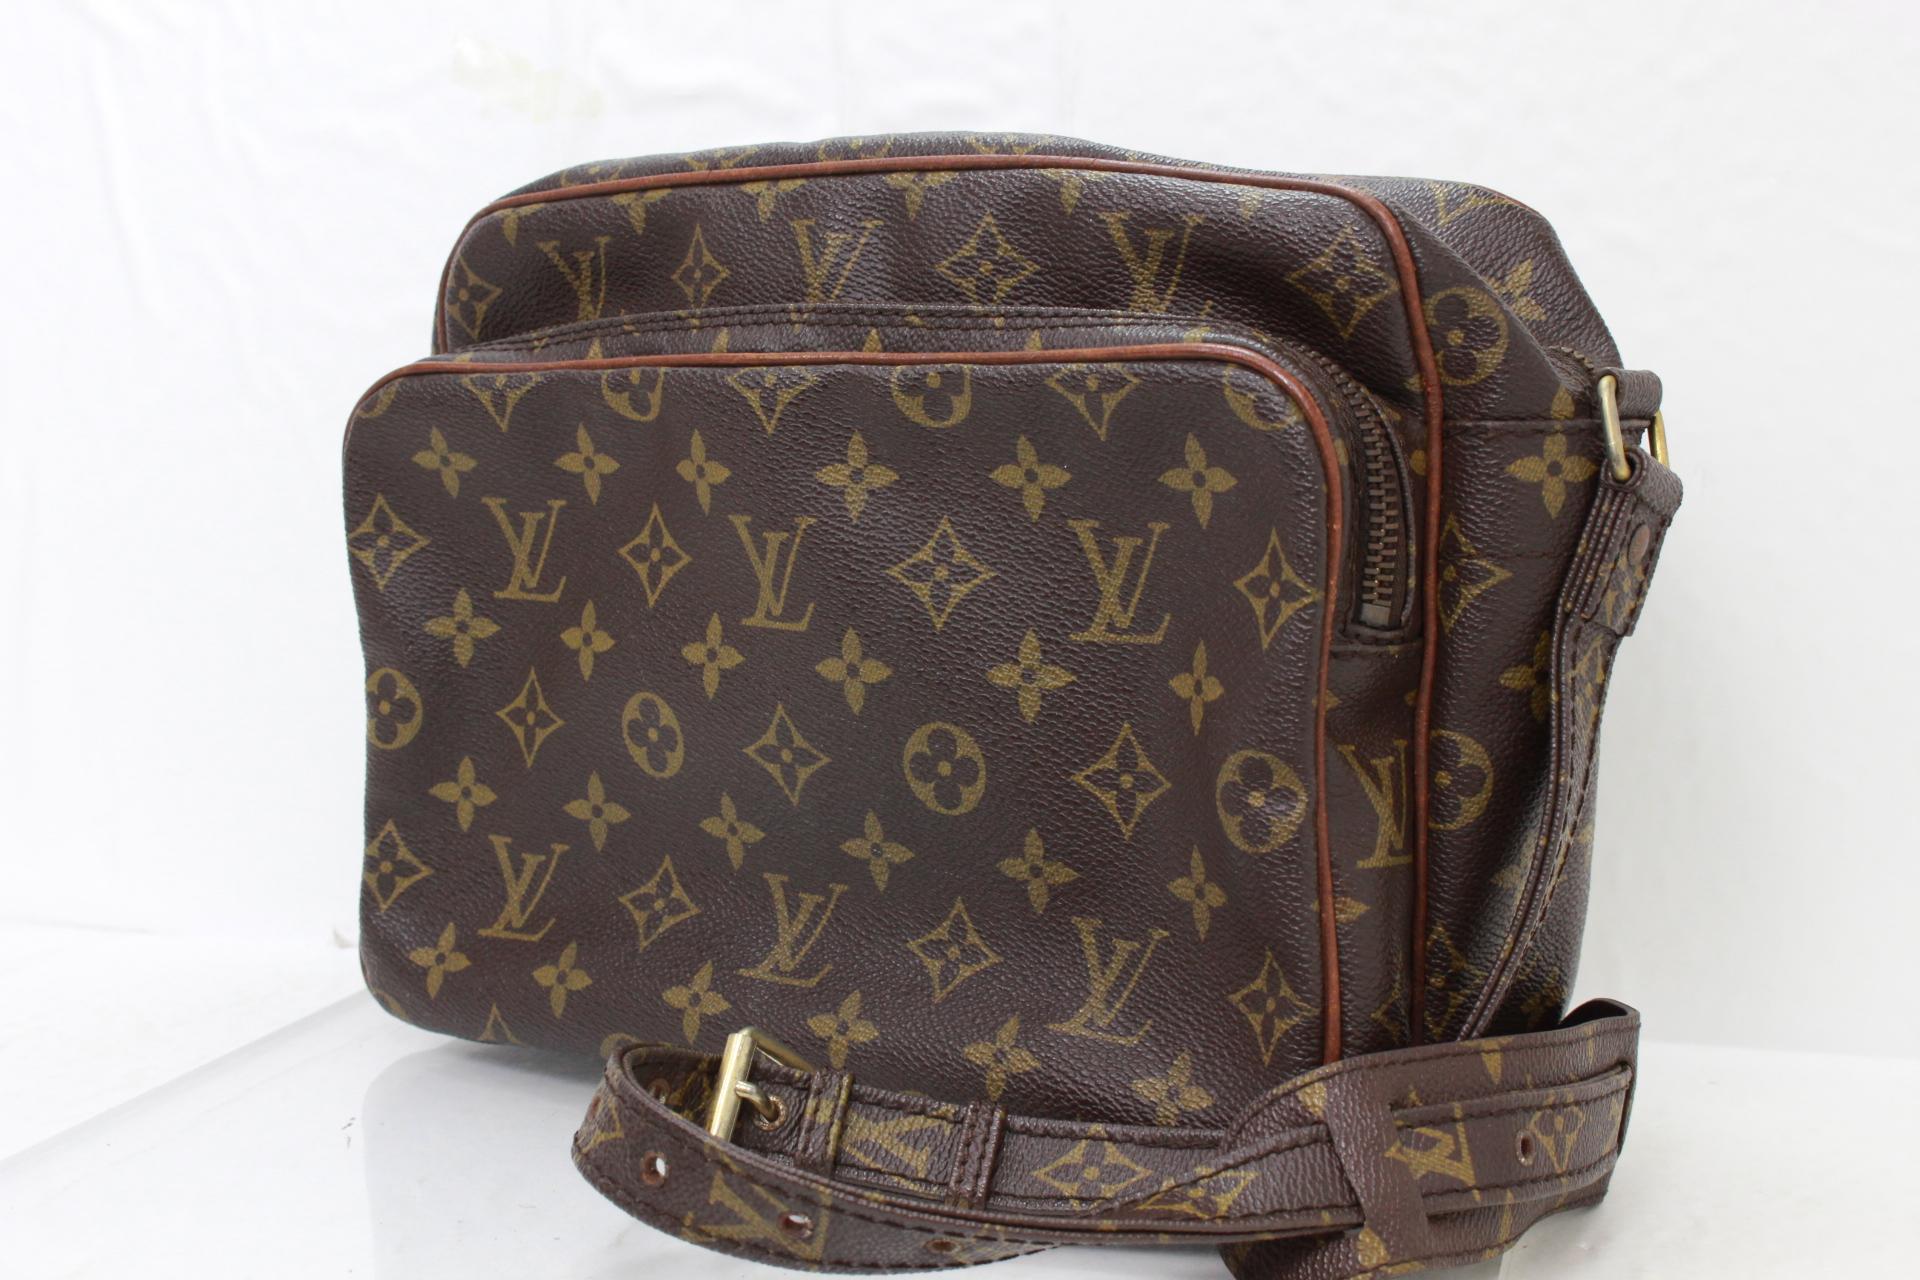 448cab75a95d 宅配買取で90年代のルイ・ヴィトンのバッグを高価買取! | ブランド買取 ...